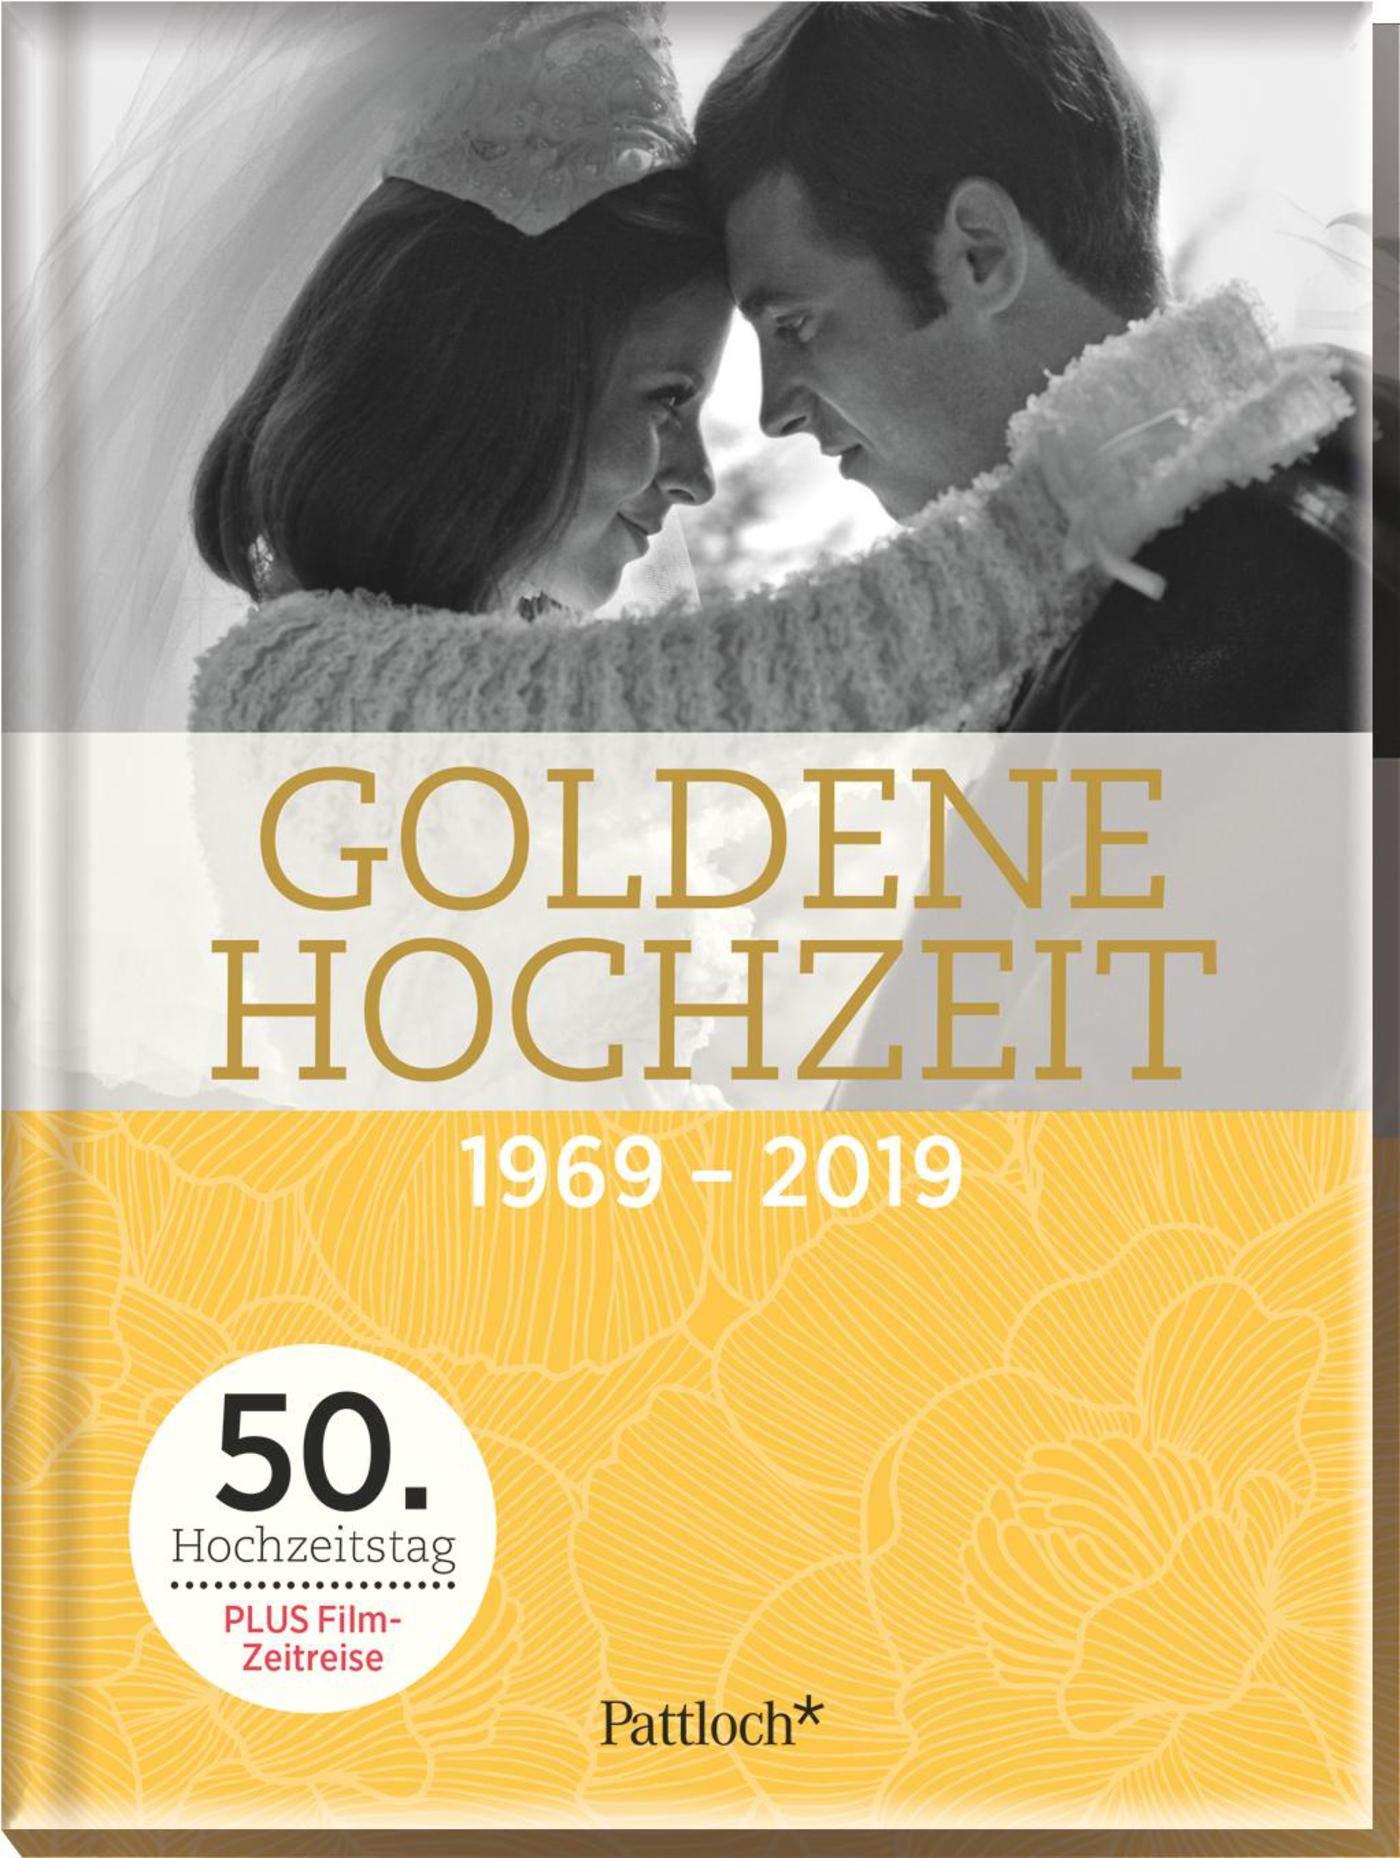 Goldene Hochzeit 1969 2019 50 Hochzeitstag